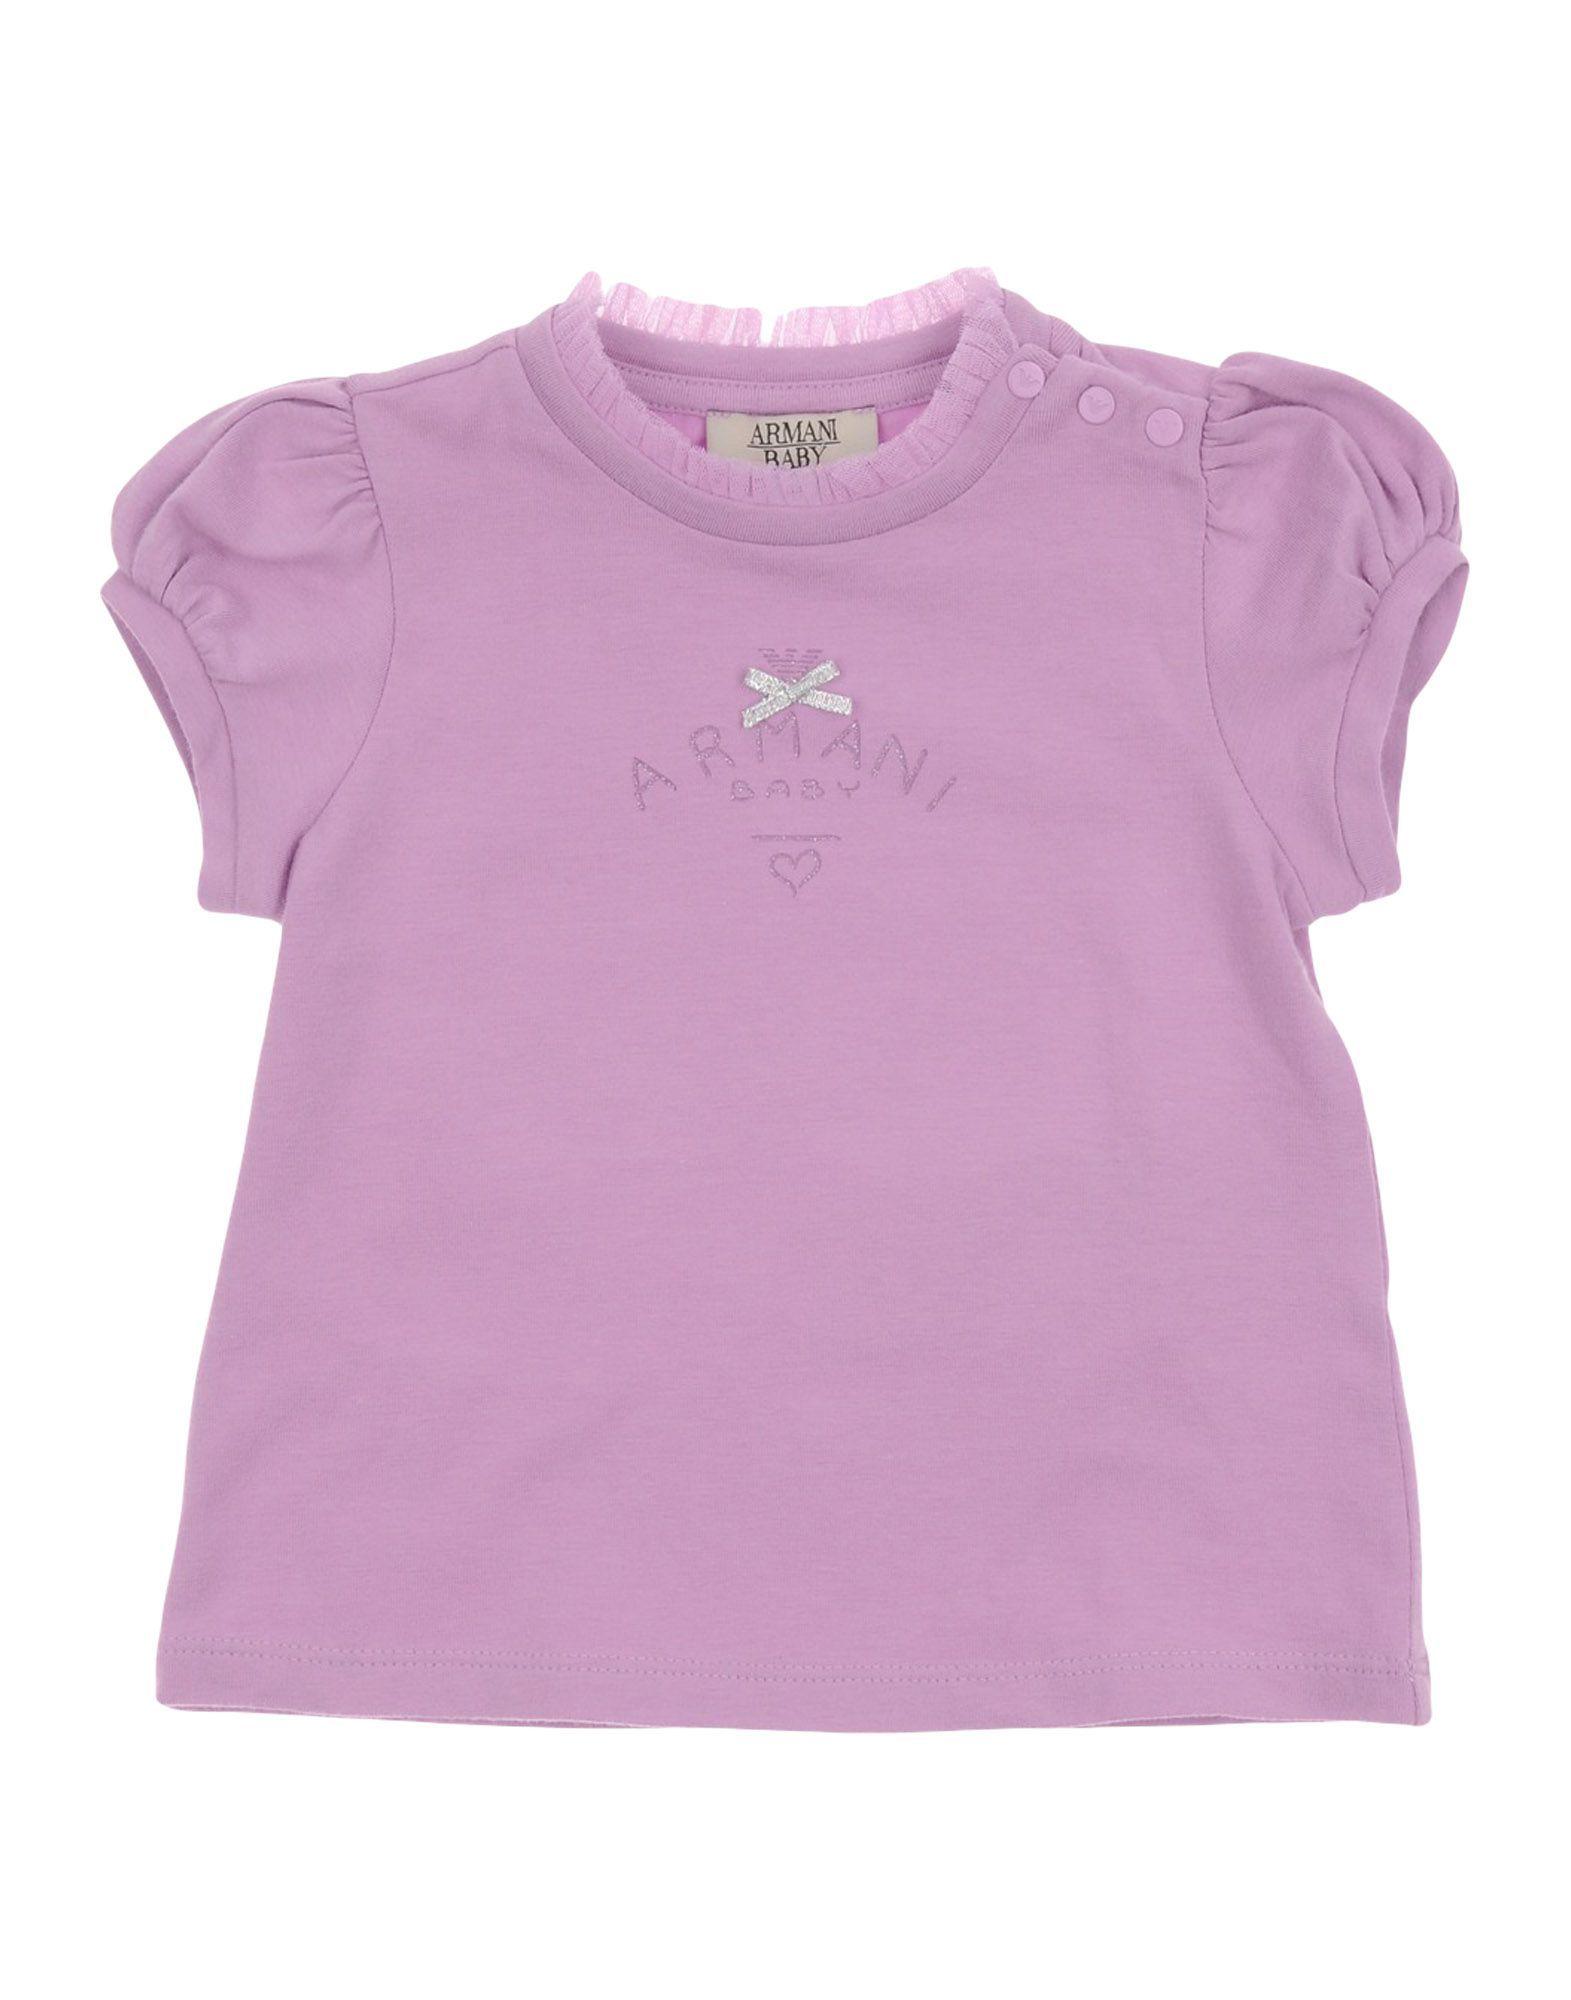 TOPWEAR Armani Junior Apricot Girl Cotton